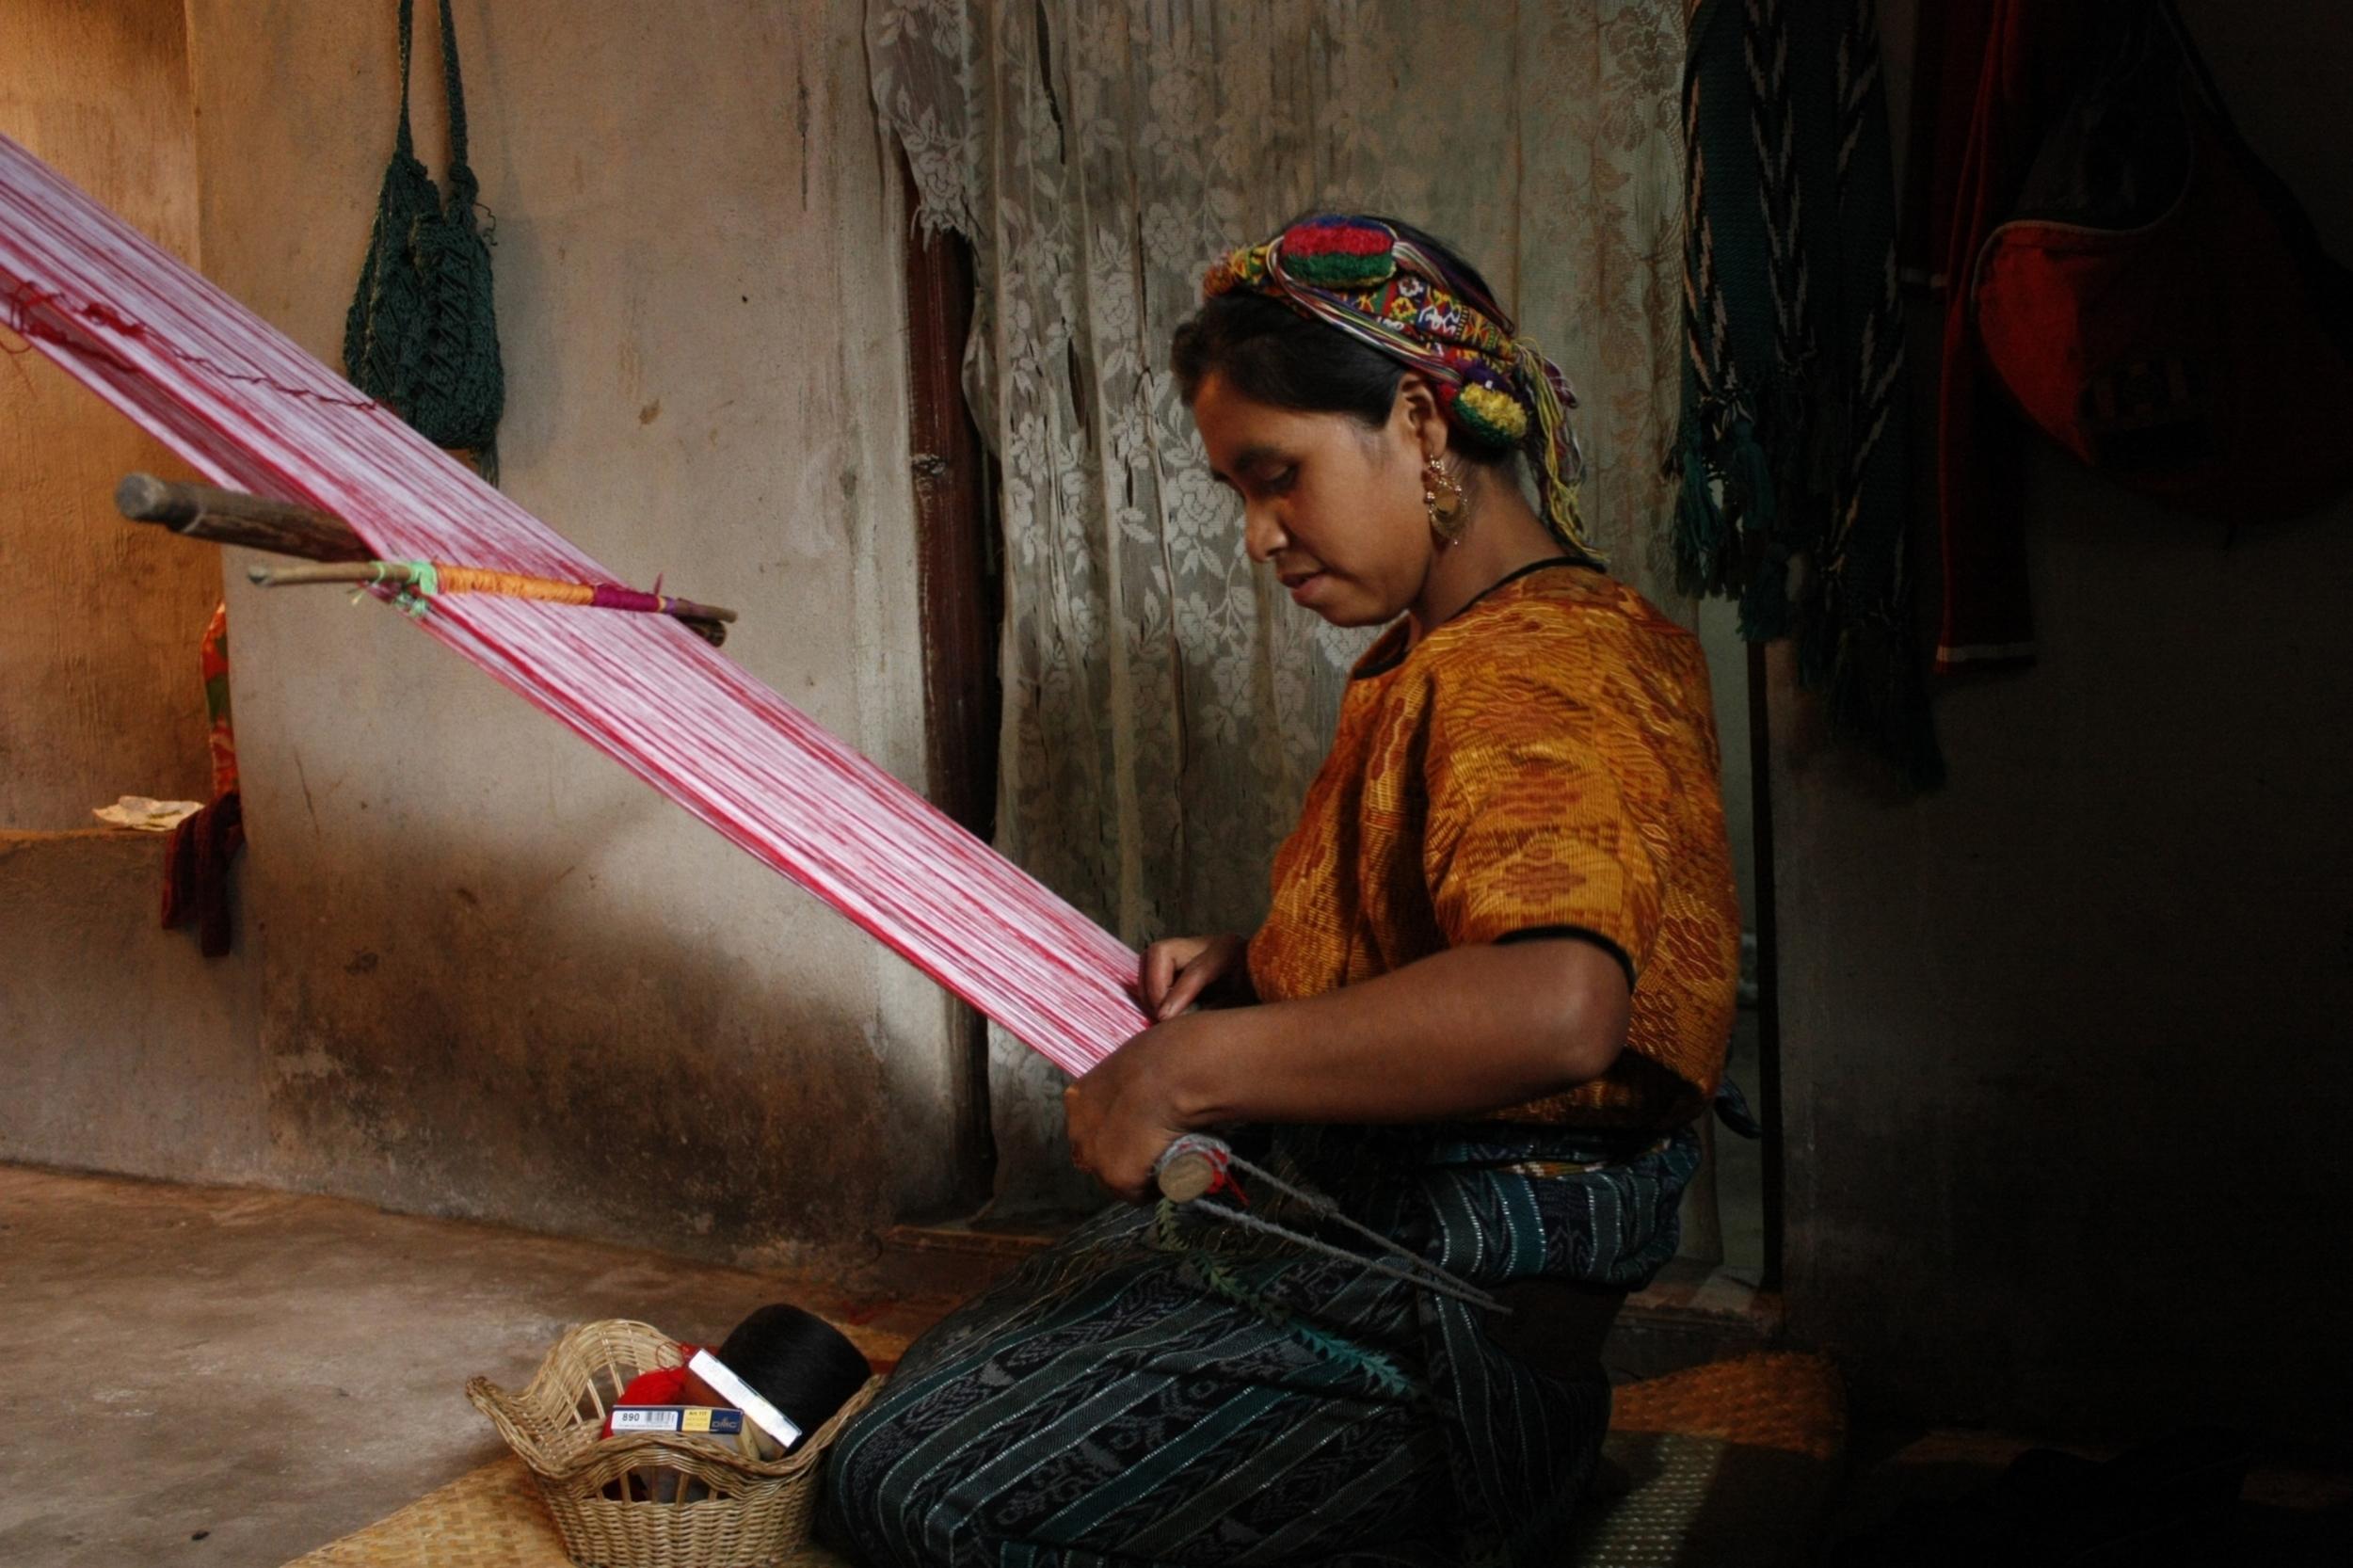 Sofia on her backstrap loom